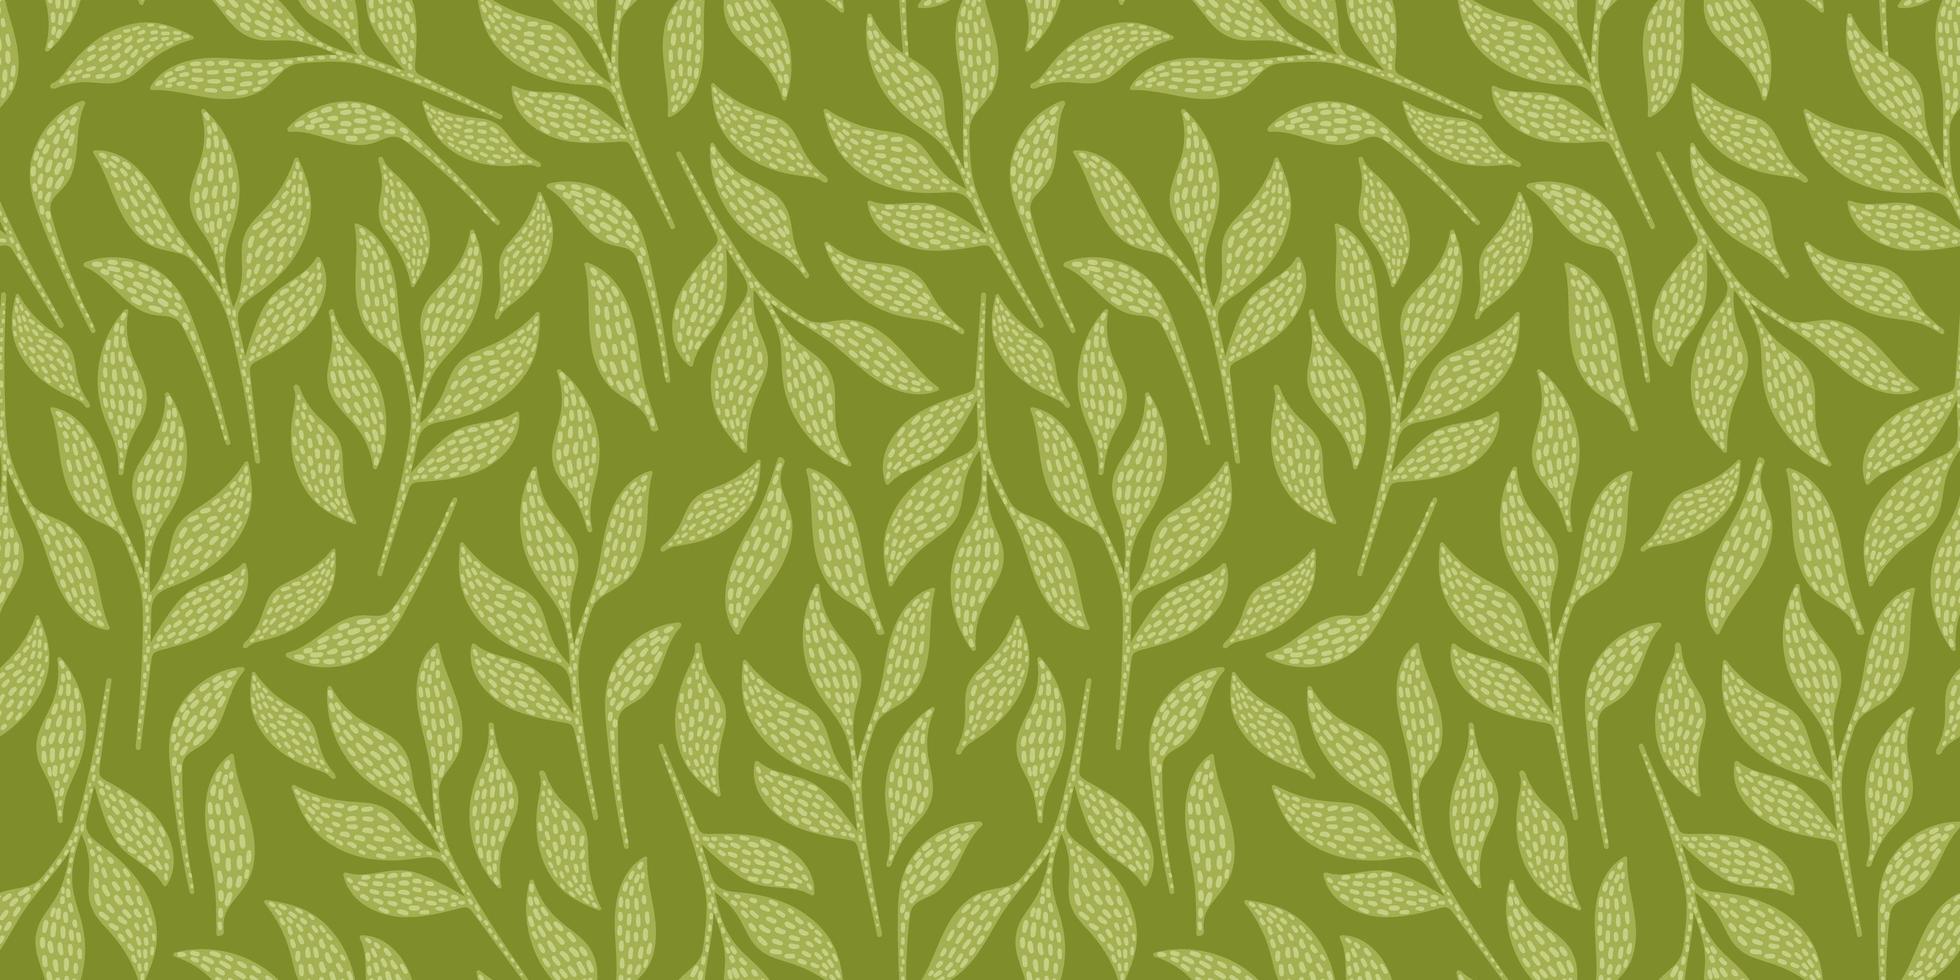 künstlerisches nahtloses Muster mit abstrakten Blättern. modernes Design für Papier, Bezug, Stoff, Inneneinrichtung und andere. vektor